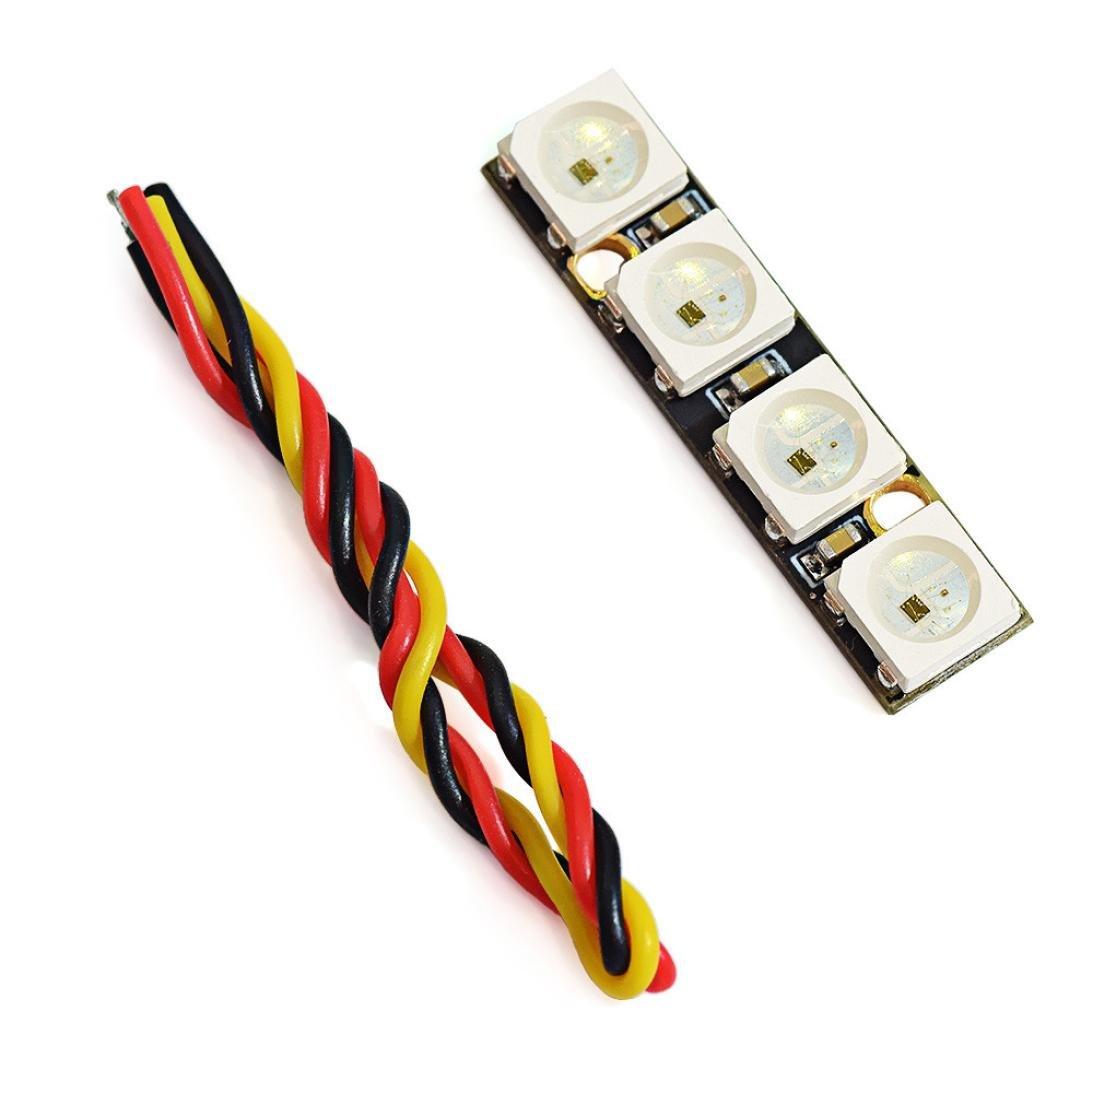 Dartphew クアッドコプターキット プログラム可能なLED互換 WS2812B RGB5050 NAZE32 F3 F4 フライトコントローラー付き B07DNYTZMJ